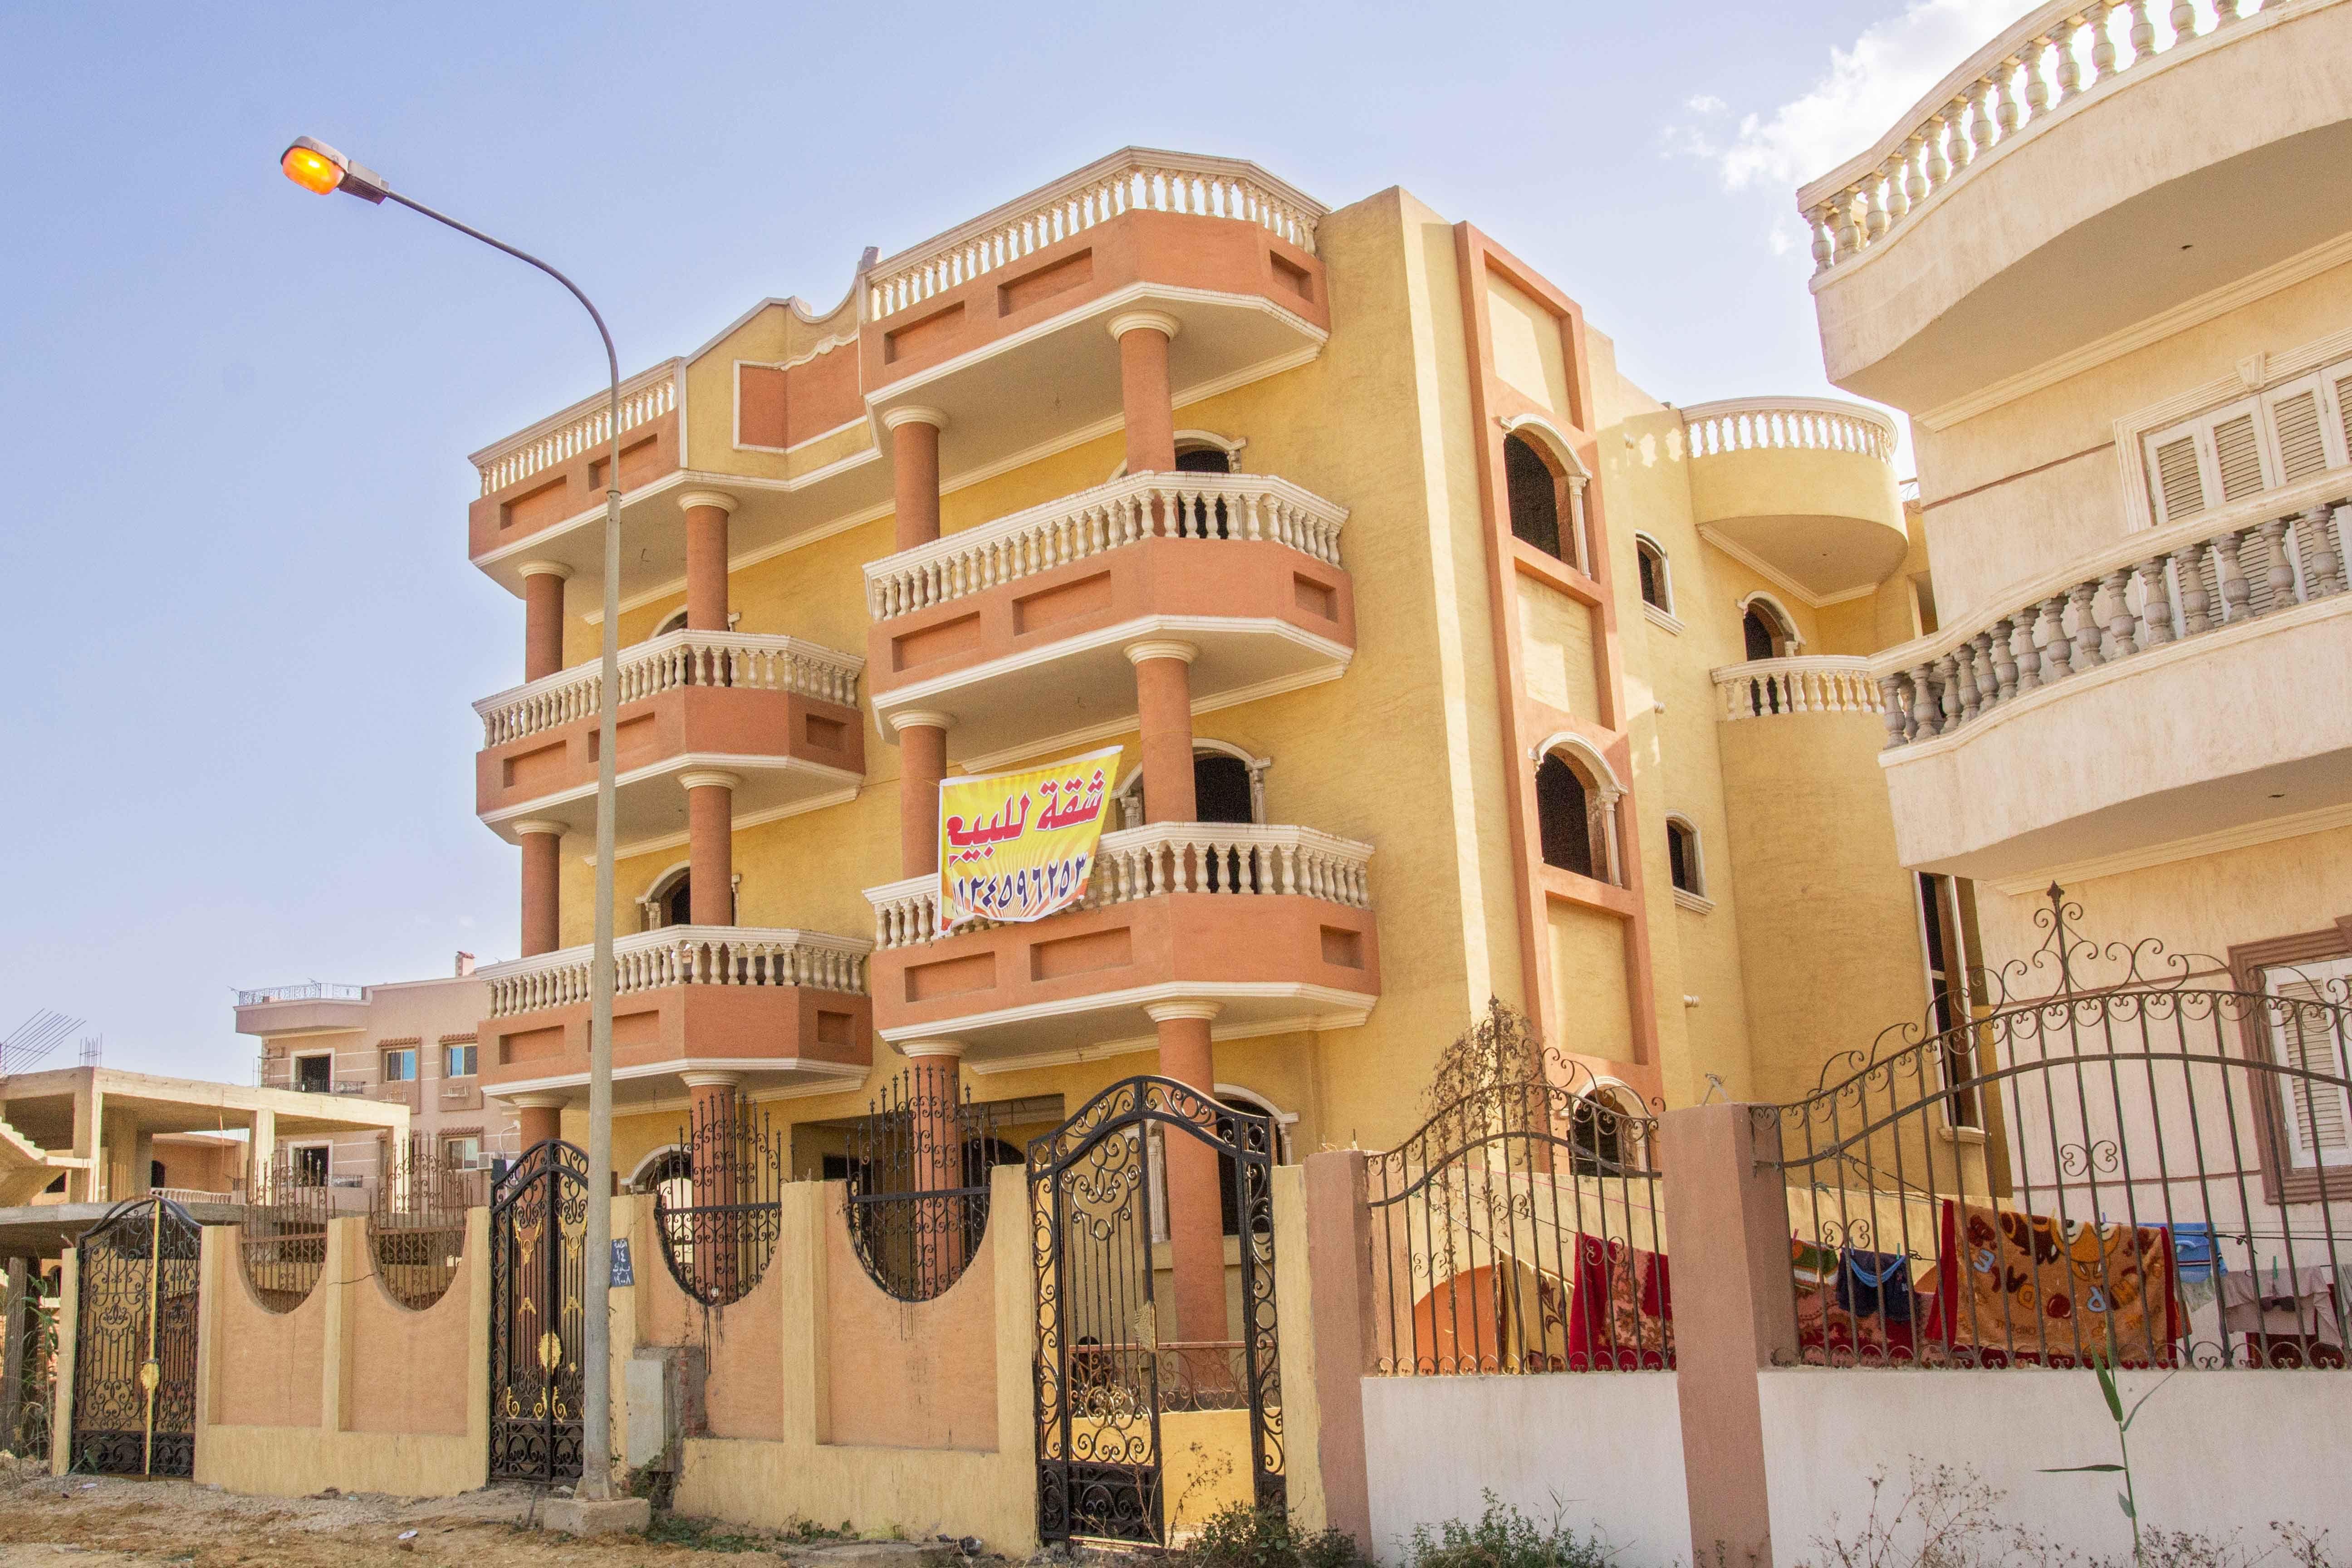 شقق للبيع في مدينة العبور شقة للبيع بجمعية احمد عرابى 220 م Apartments For Sale House Styles Mansions